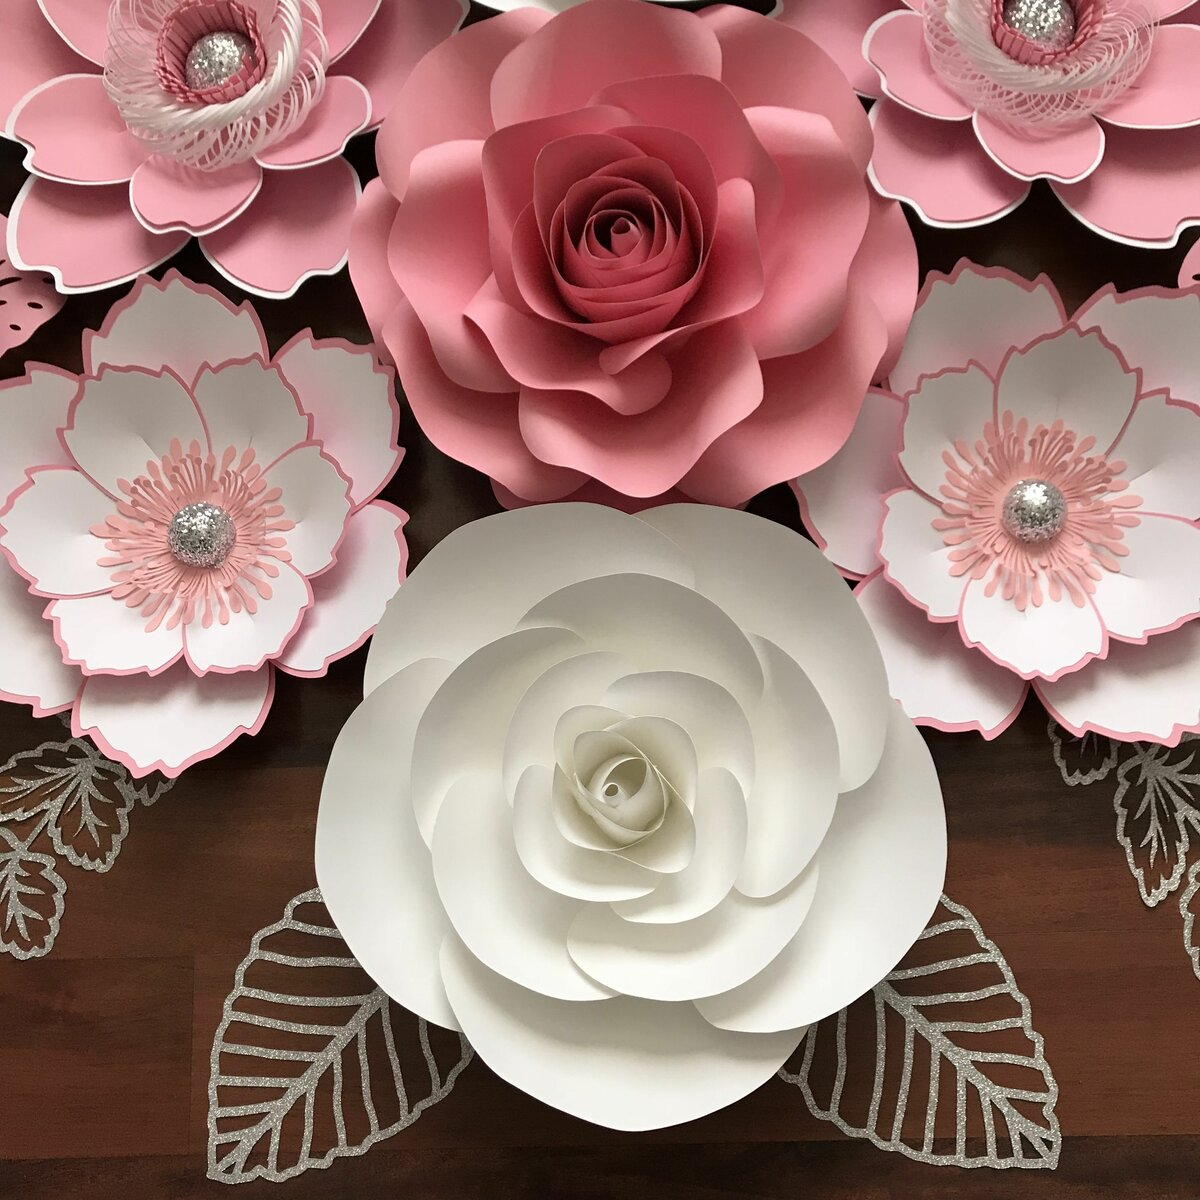 виды красивые бумажные цветы картинки микрофоны принцип